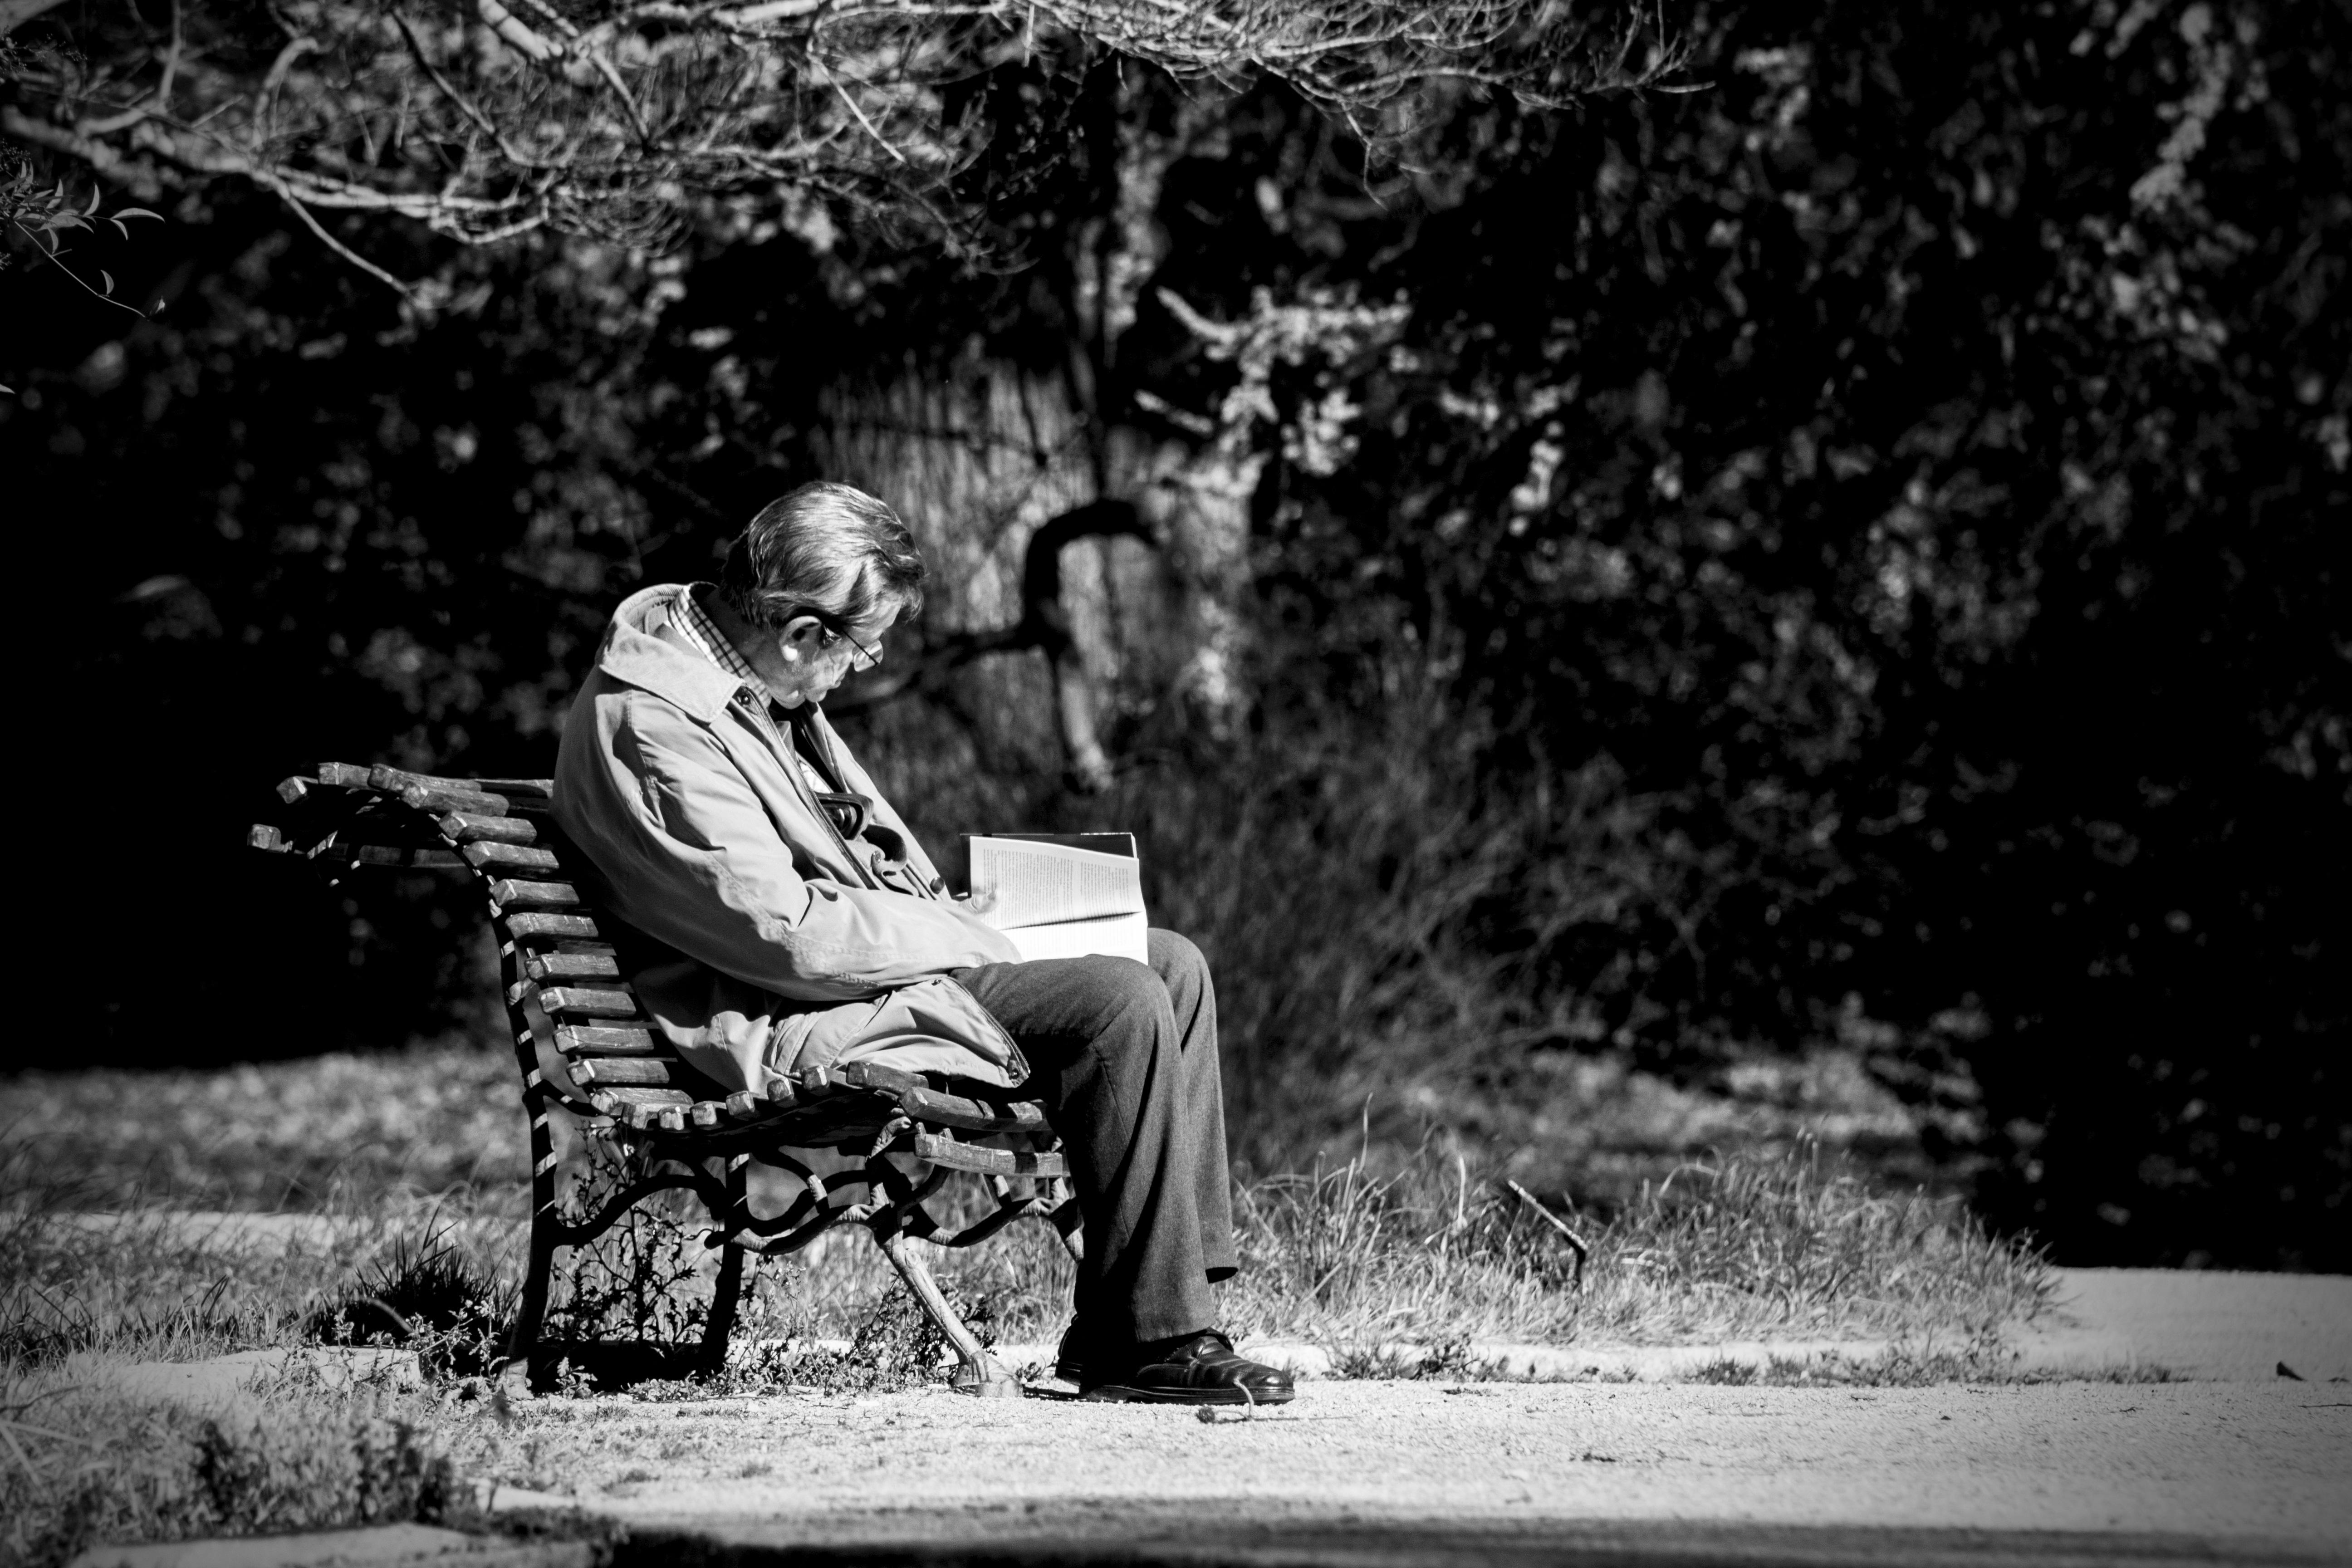 Mujer Leyendo El Libro En Blanco En El Jardín: Free Images : Man, Landscape, Tree, Nature, Forest, Book